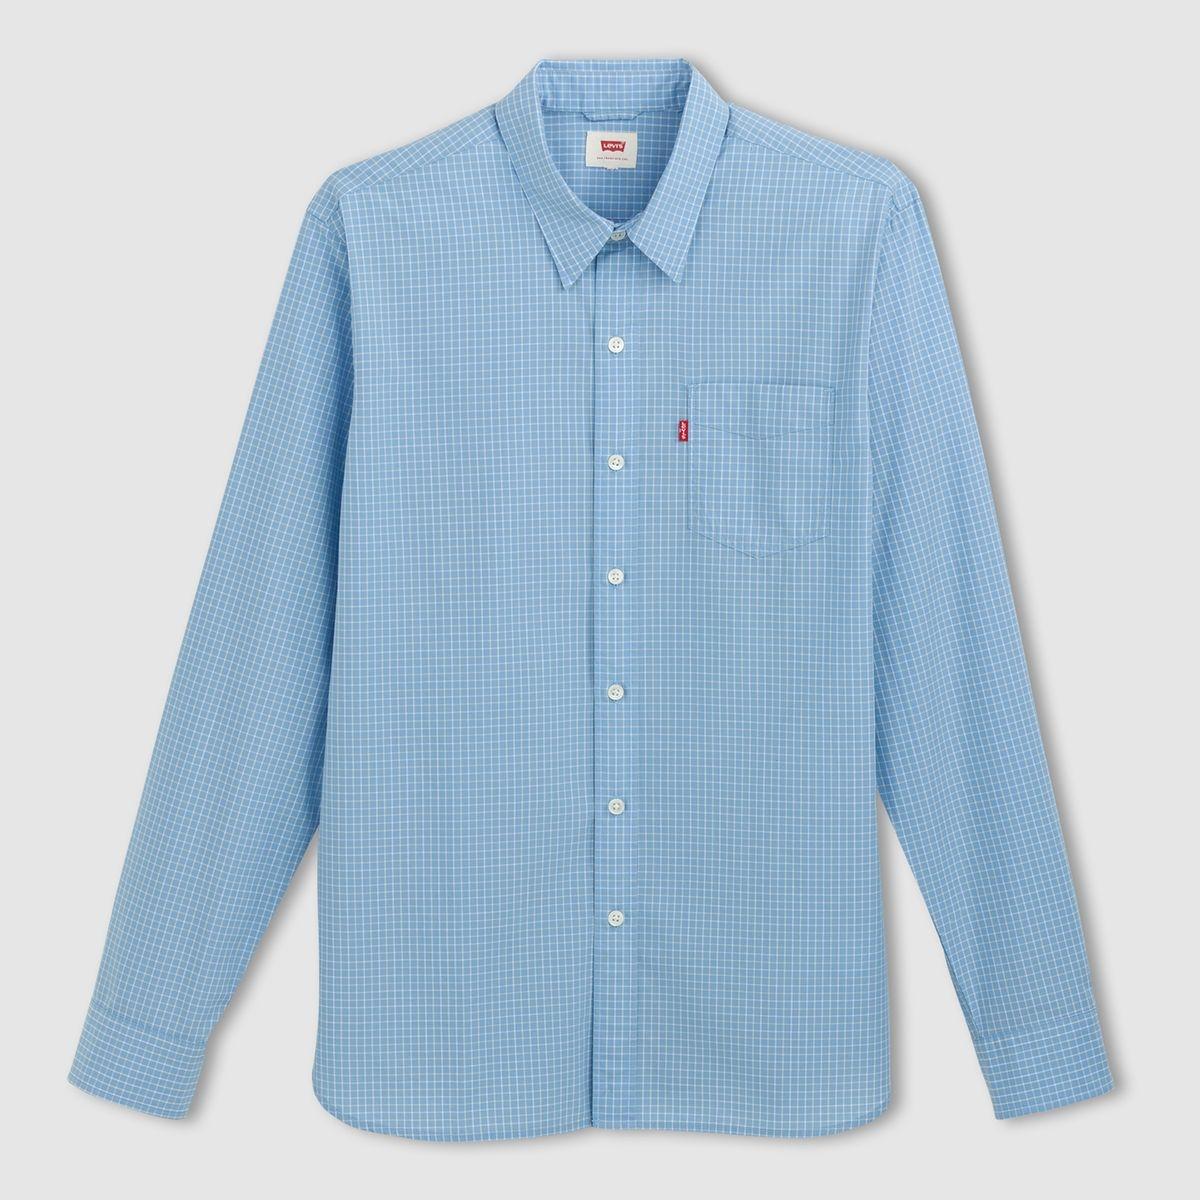 Chemise droite   Sunset One Pocket en coton  clair à carreaux